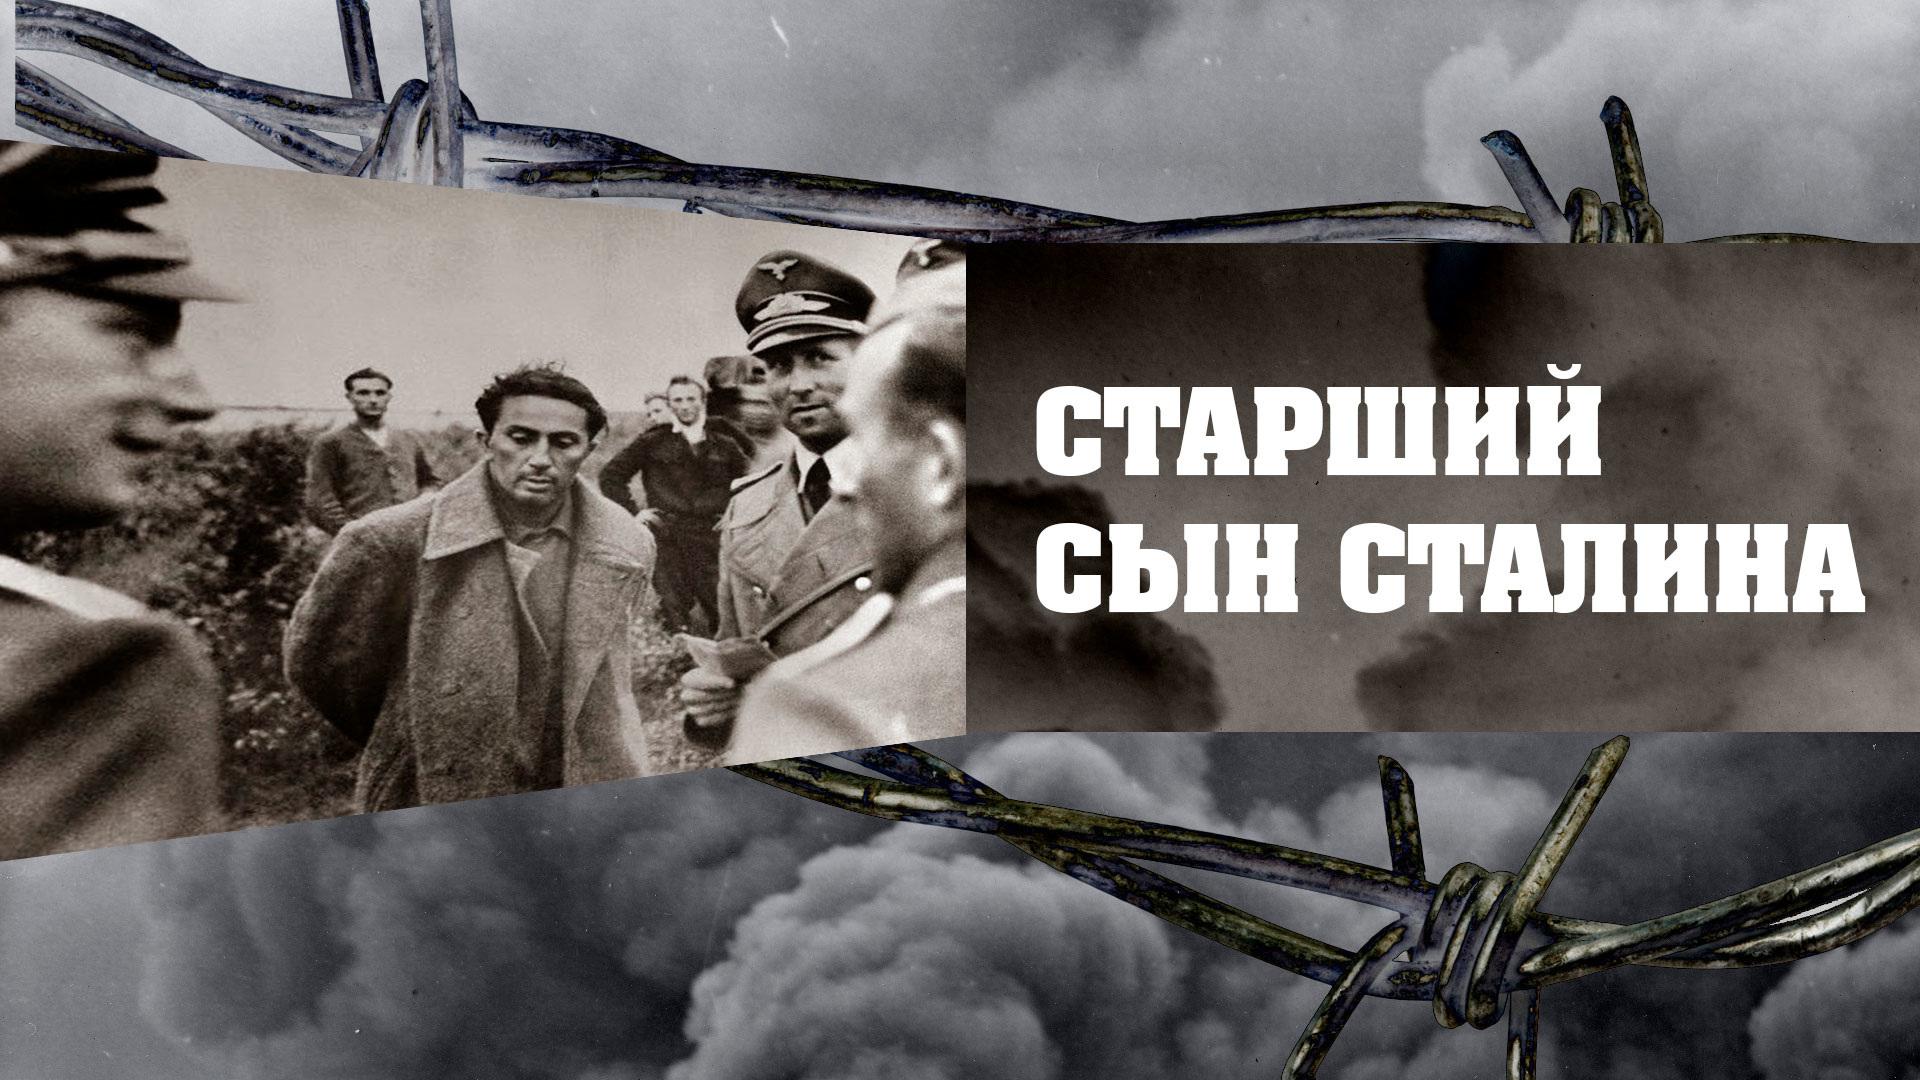 Старший сын Сталина